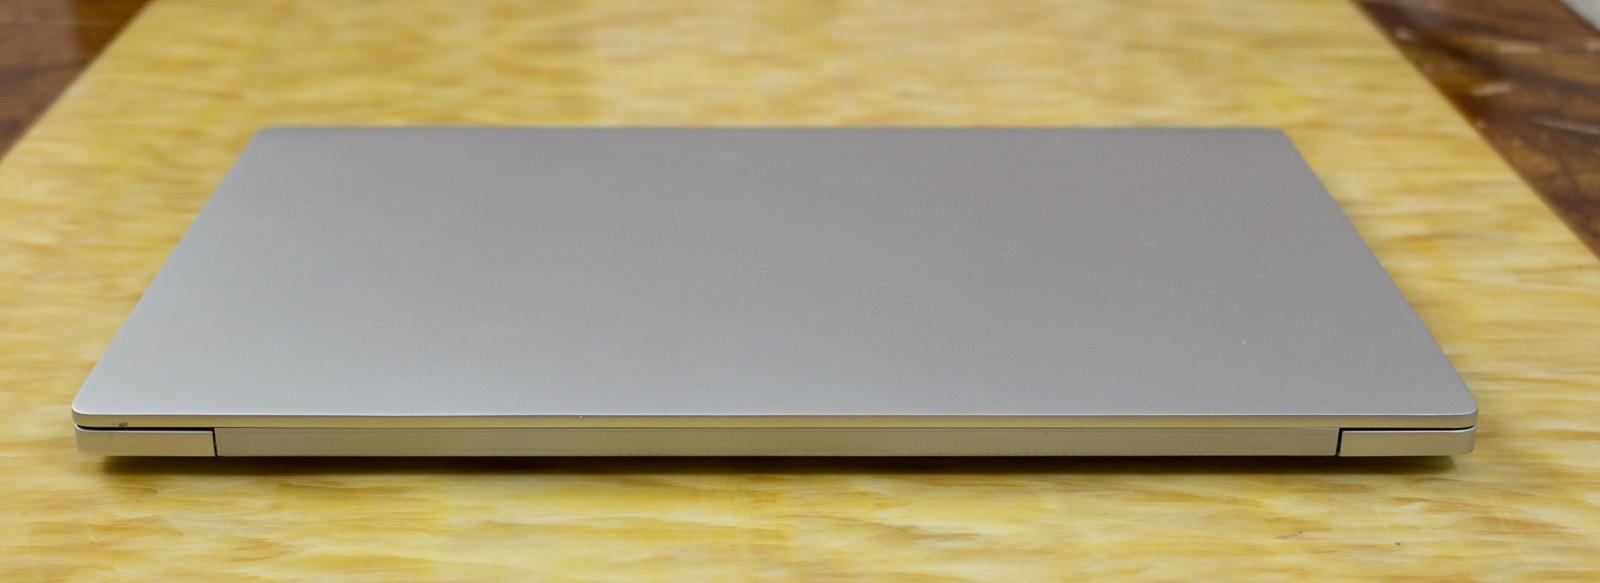 Xiaomi Mi Air 13 Laptop — еще один отличный китайский ноутбук, совершенно непохожий на Macbook - 7